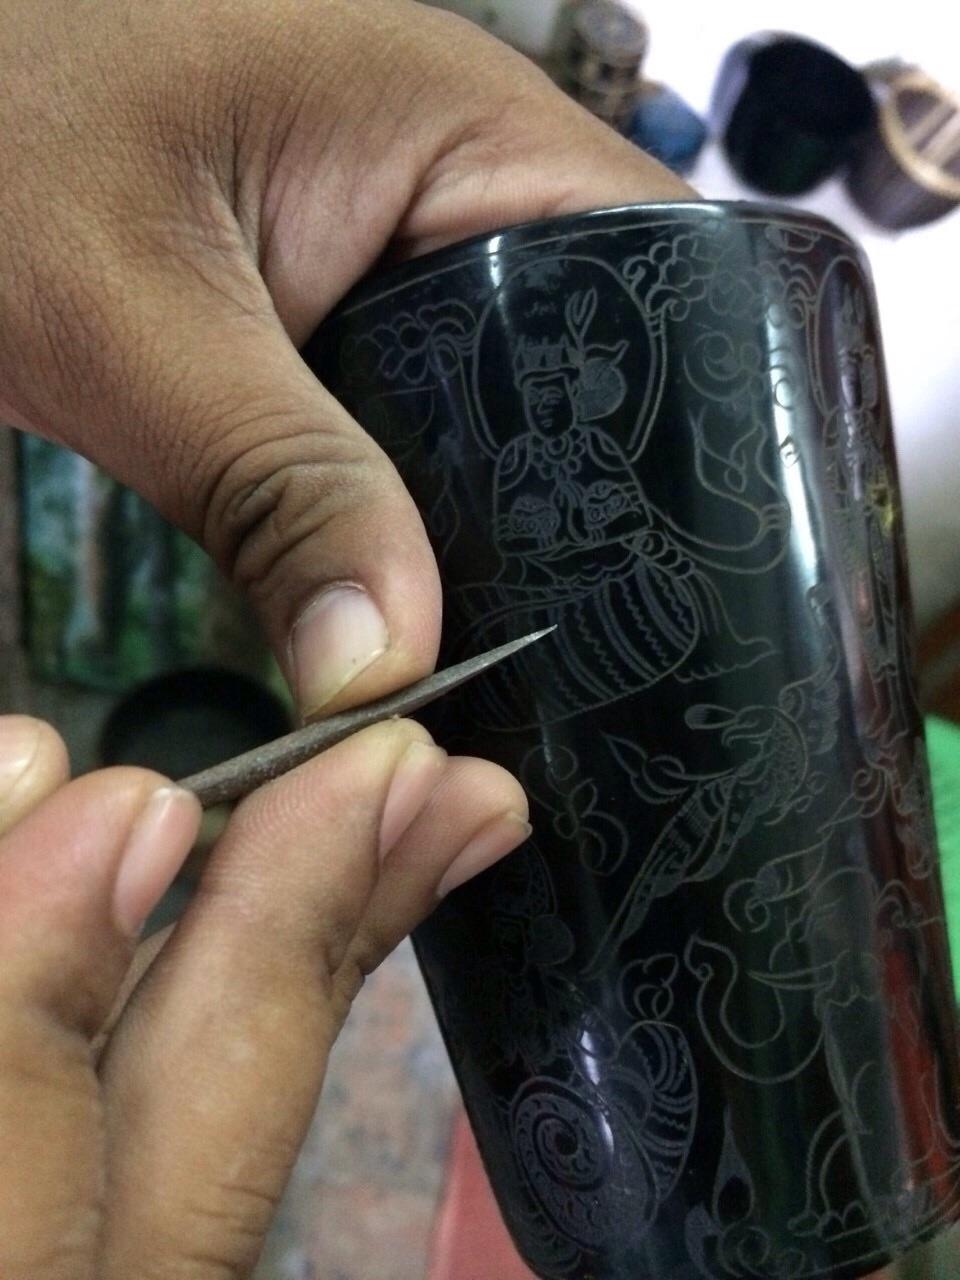 バガン塗り-漆の上に絵を描いているところ